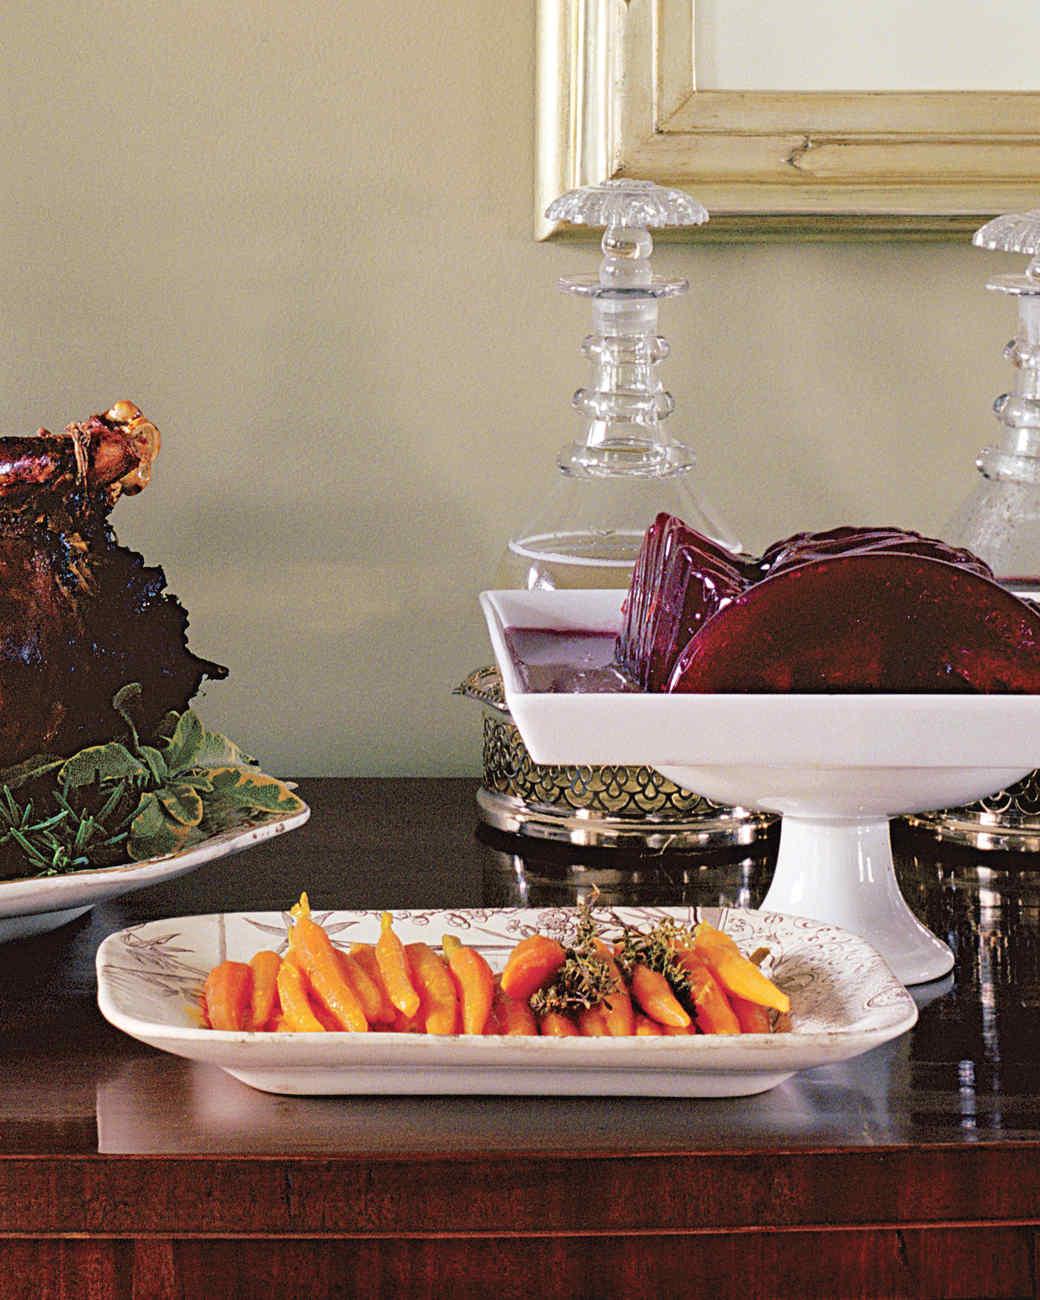 Glazed Carrots for Roast Turkey Dinner